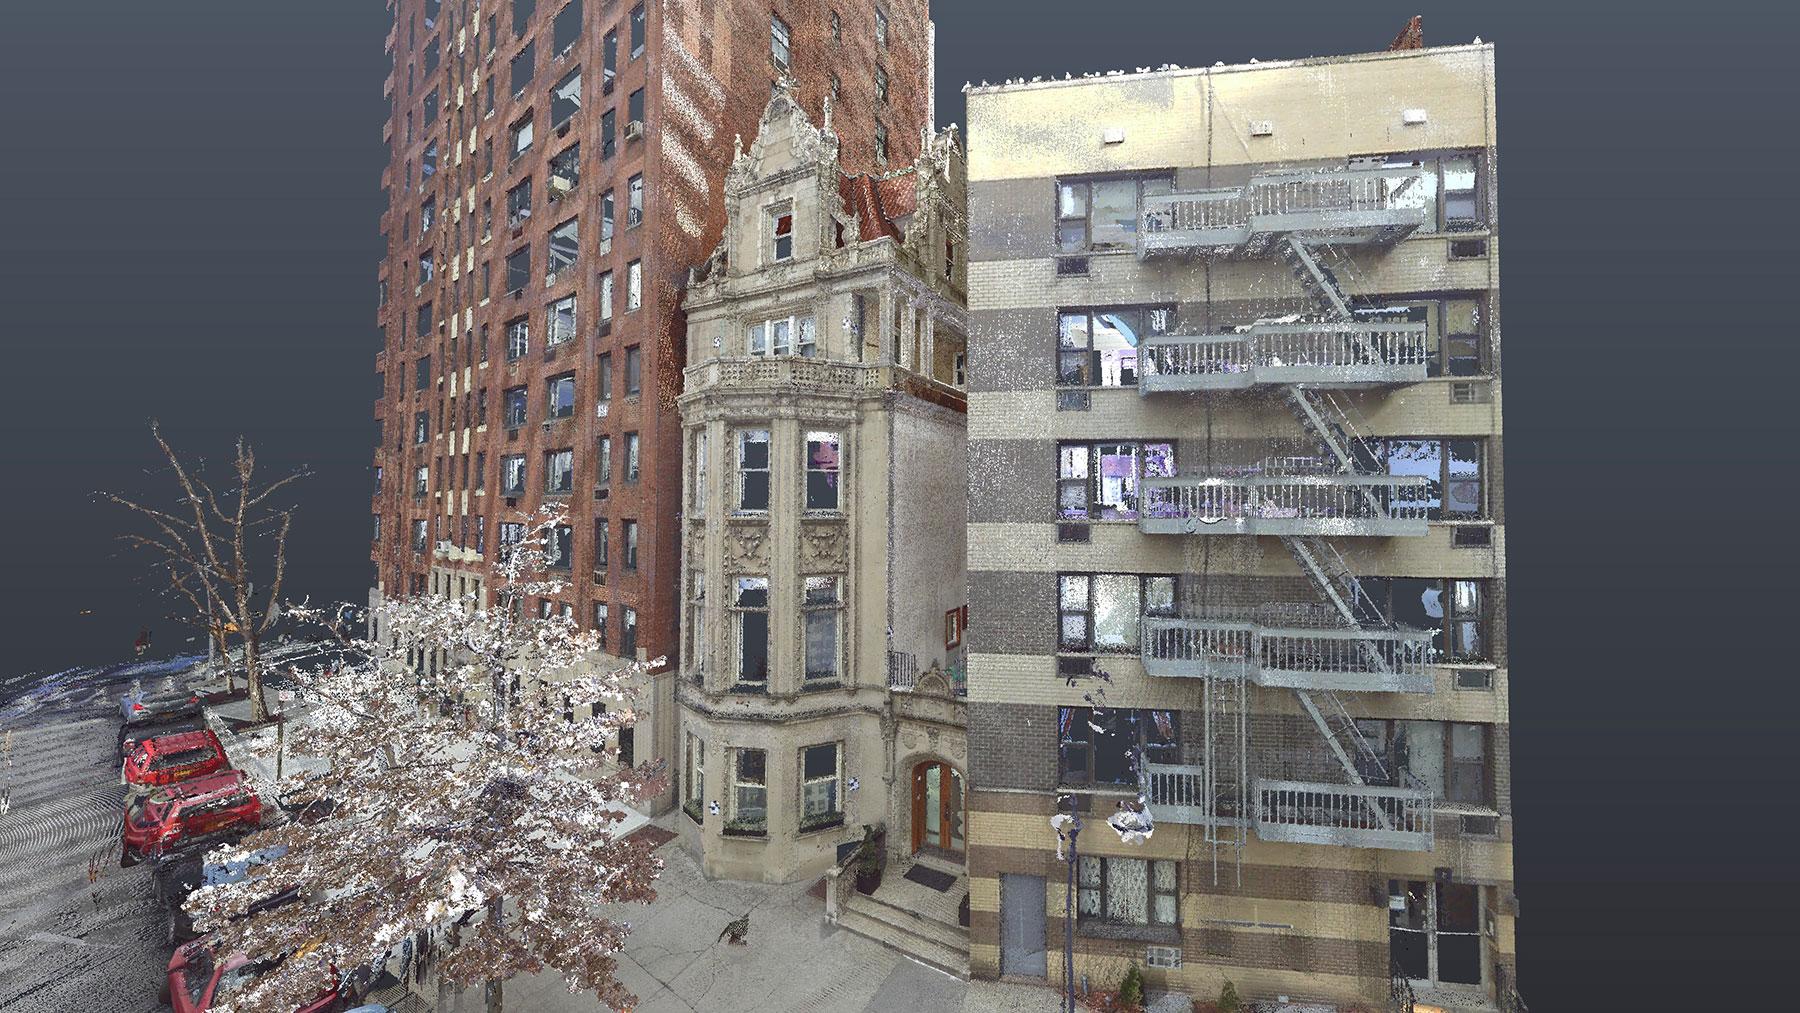 RIVERSIDE-DRIVE-MANSION-MANHATTAN-NYC-REVIT-3D-LASER-SCANNING-POINT-CLOUD-MYND-WORKSHOP-7.jpg